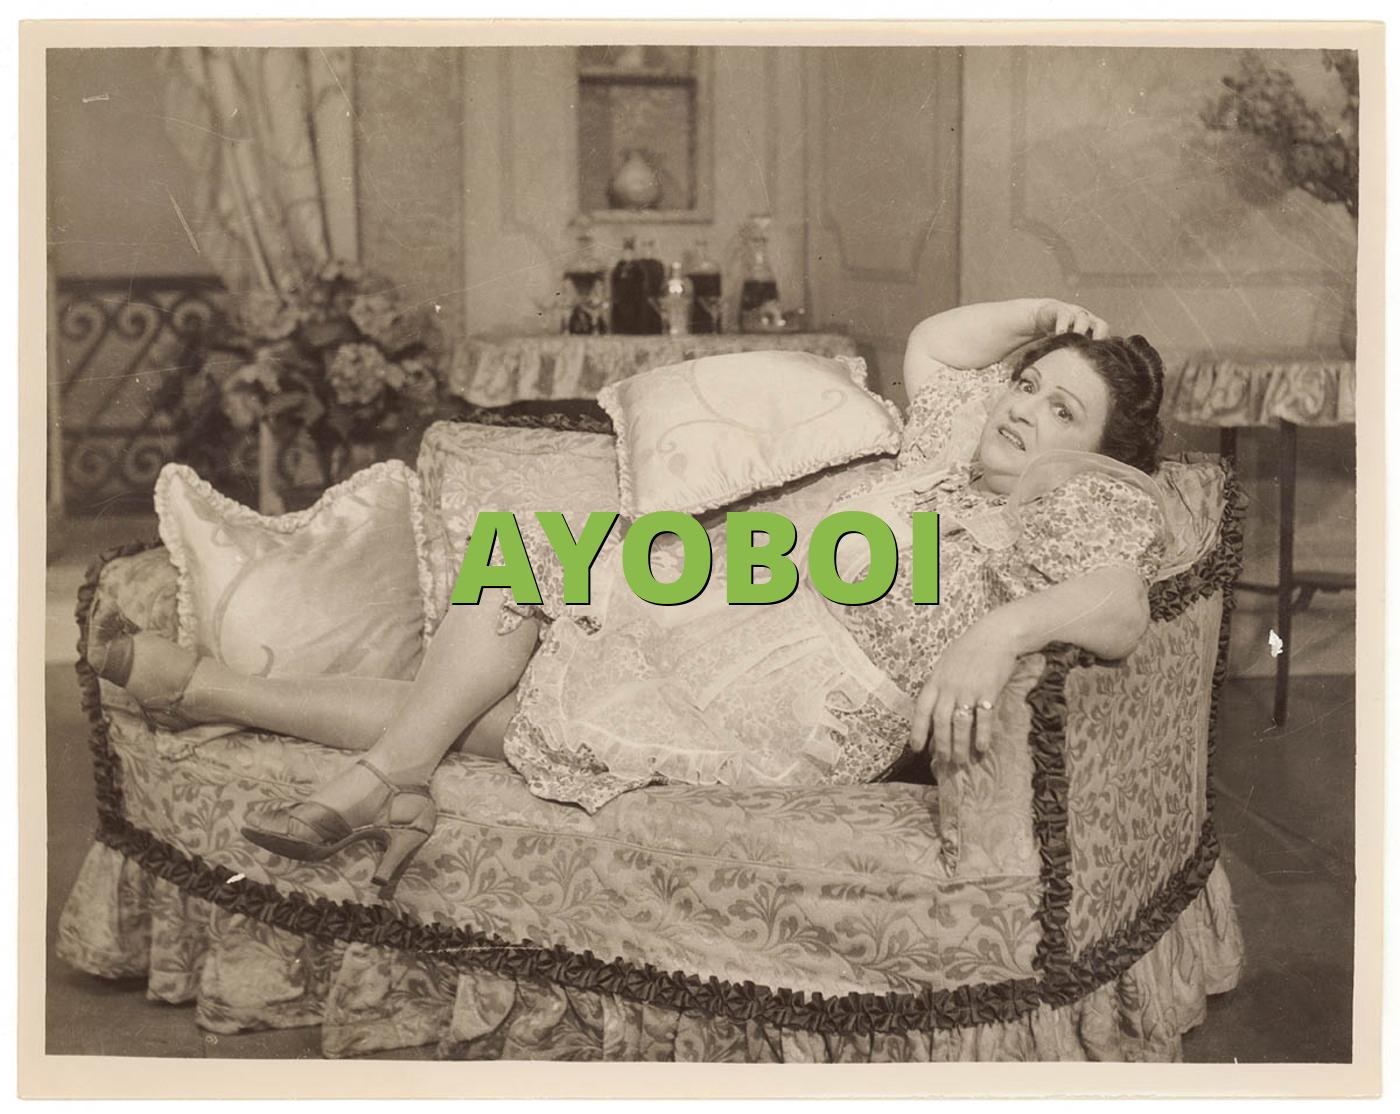 AYOBOI